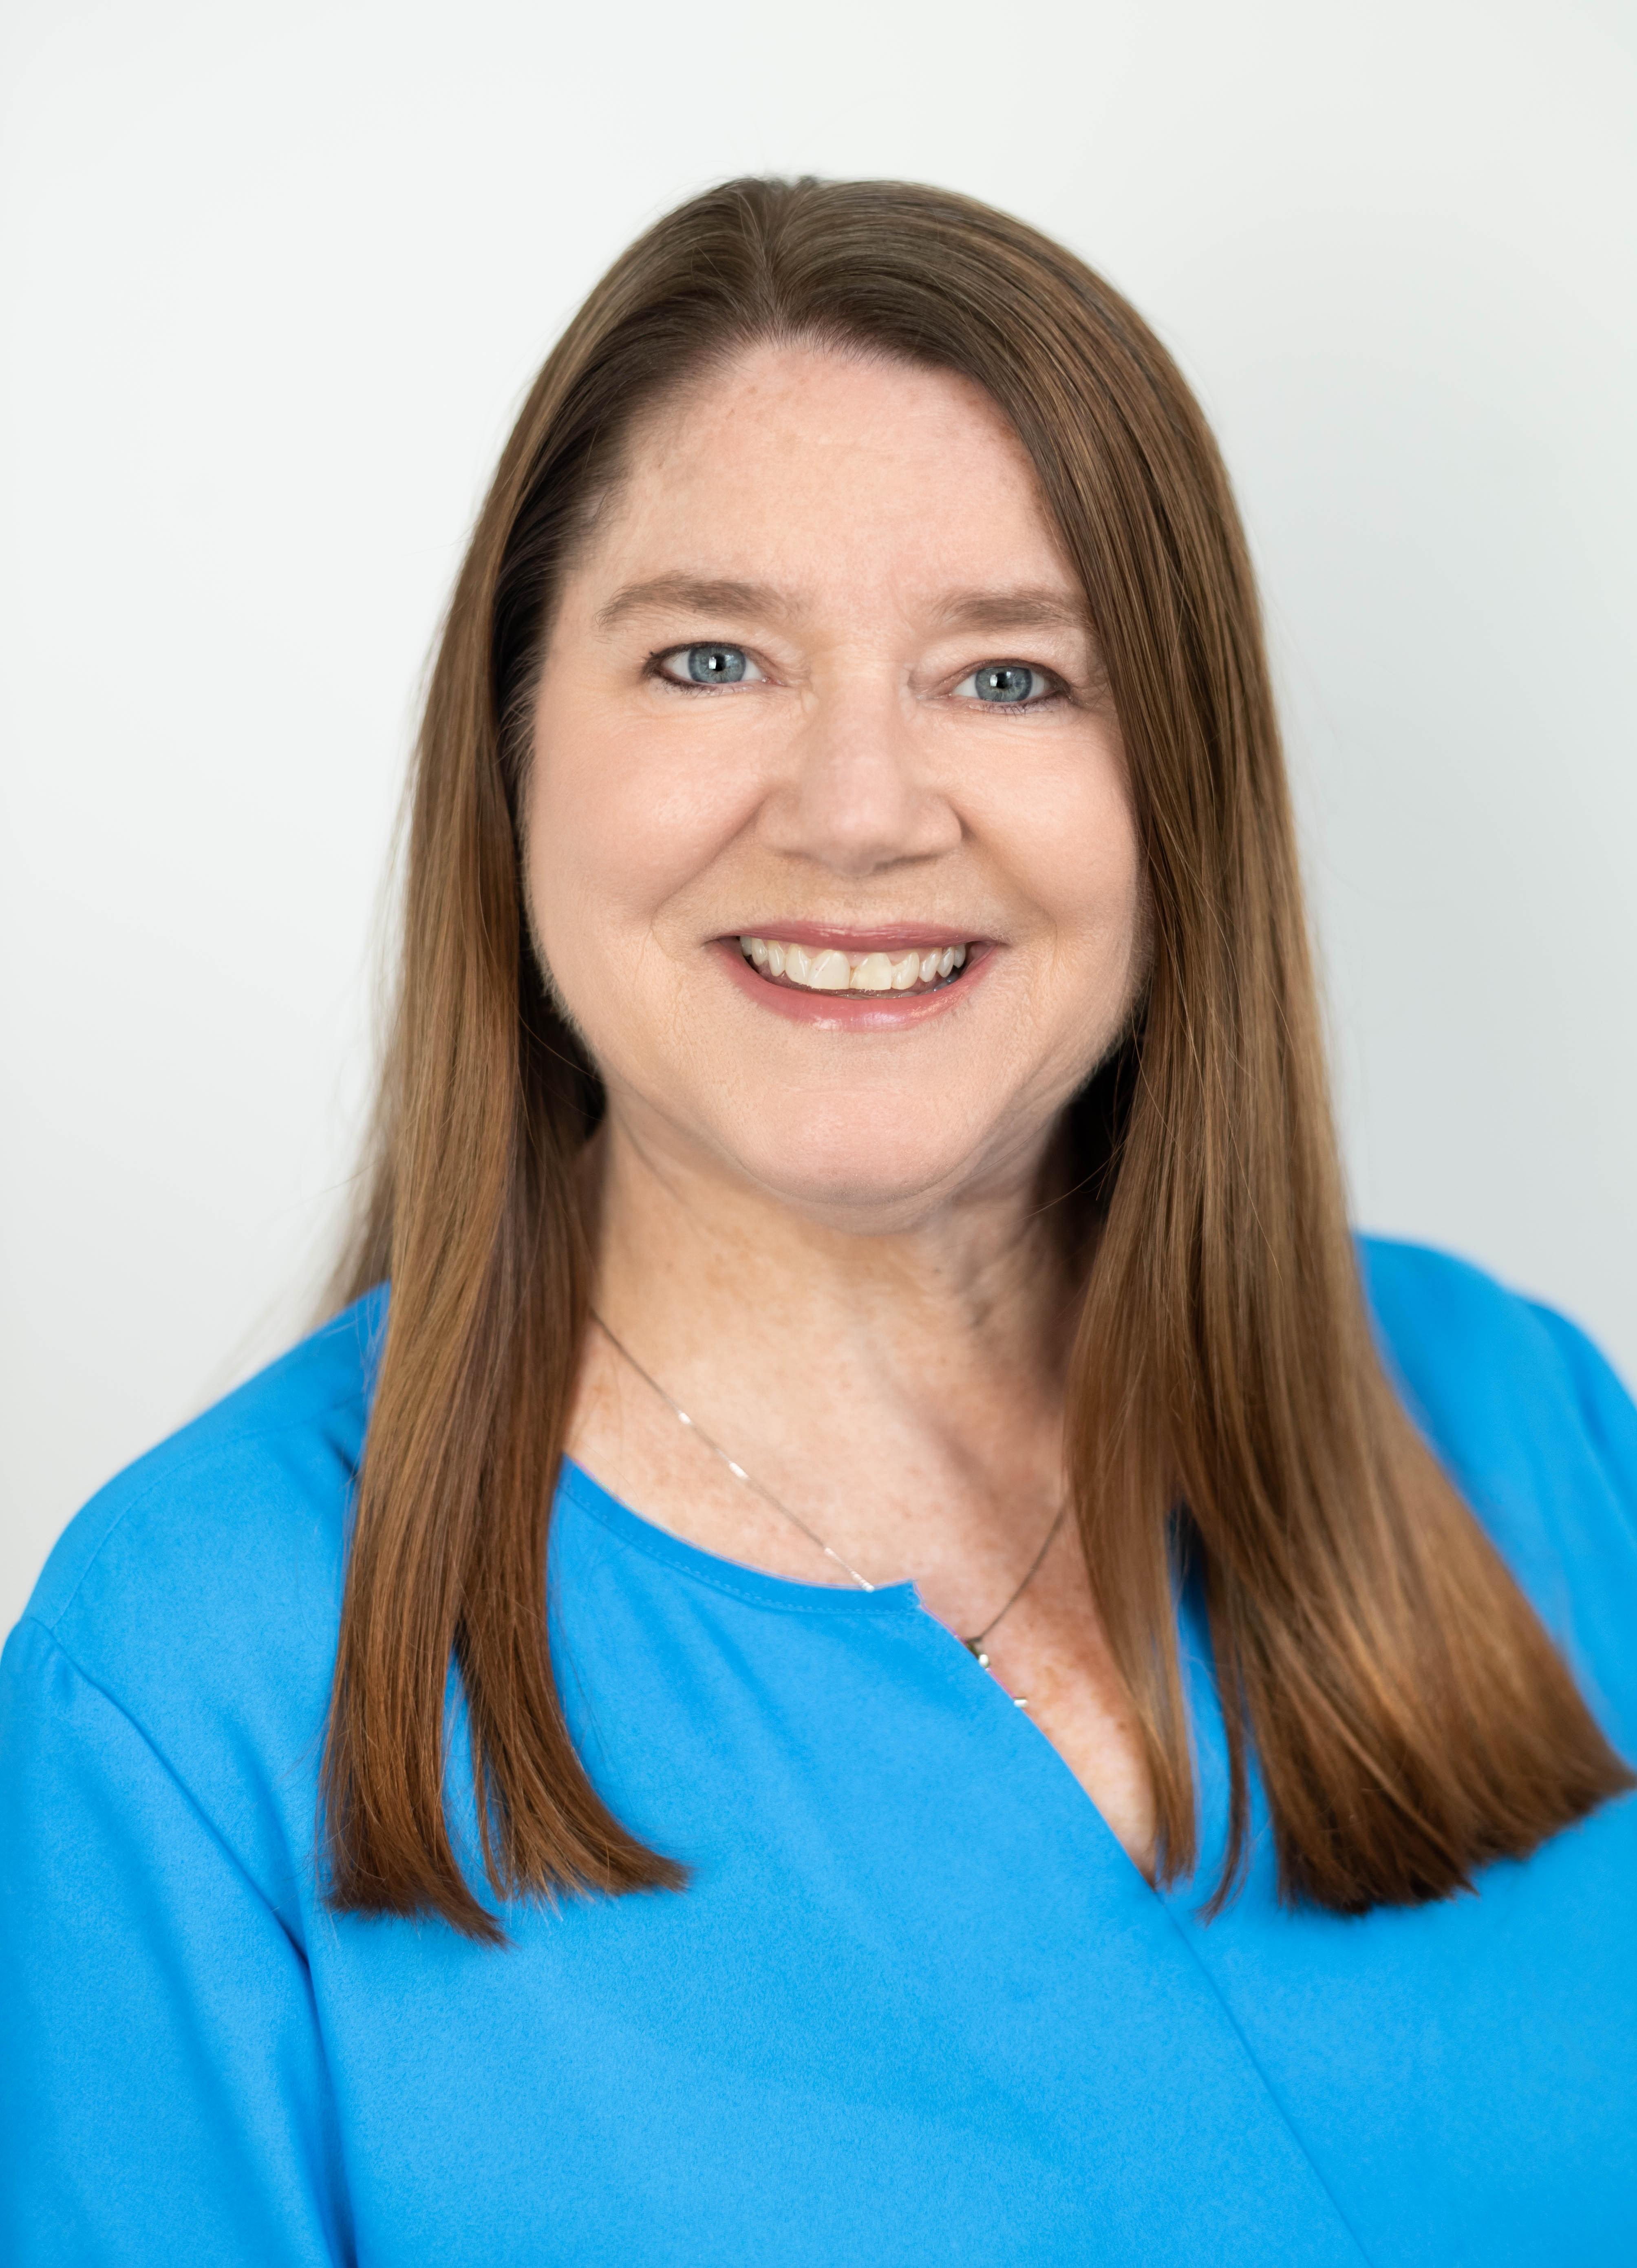 Tina M. Adamson